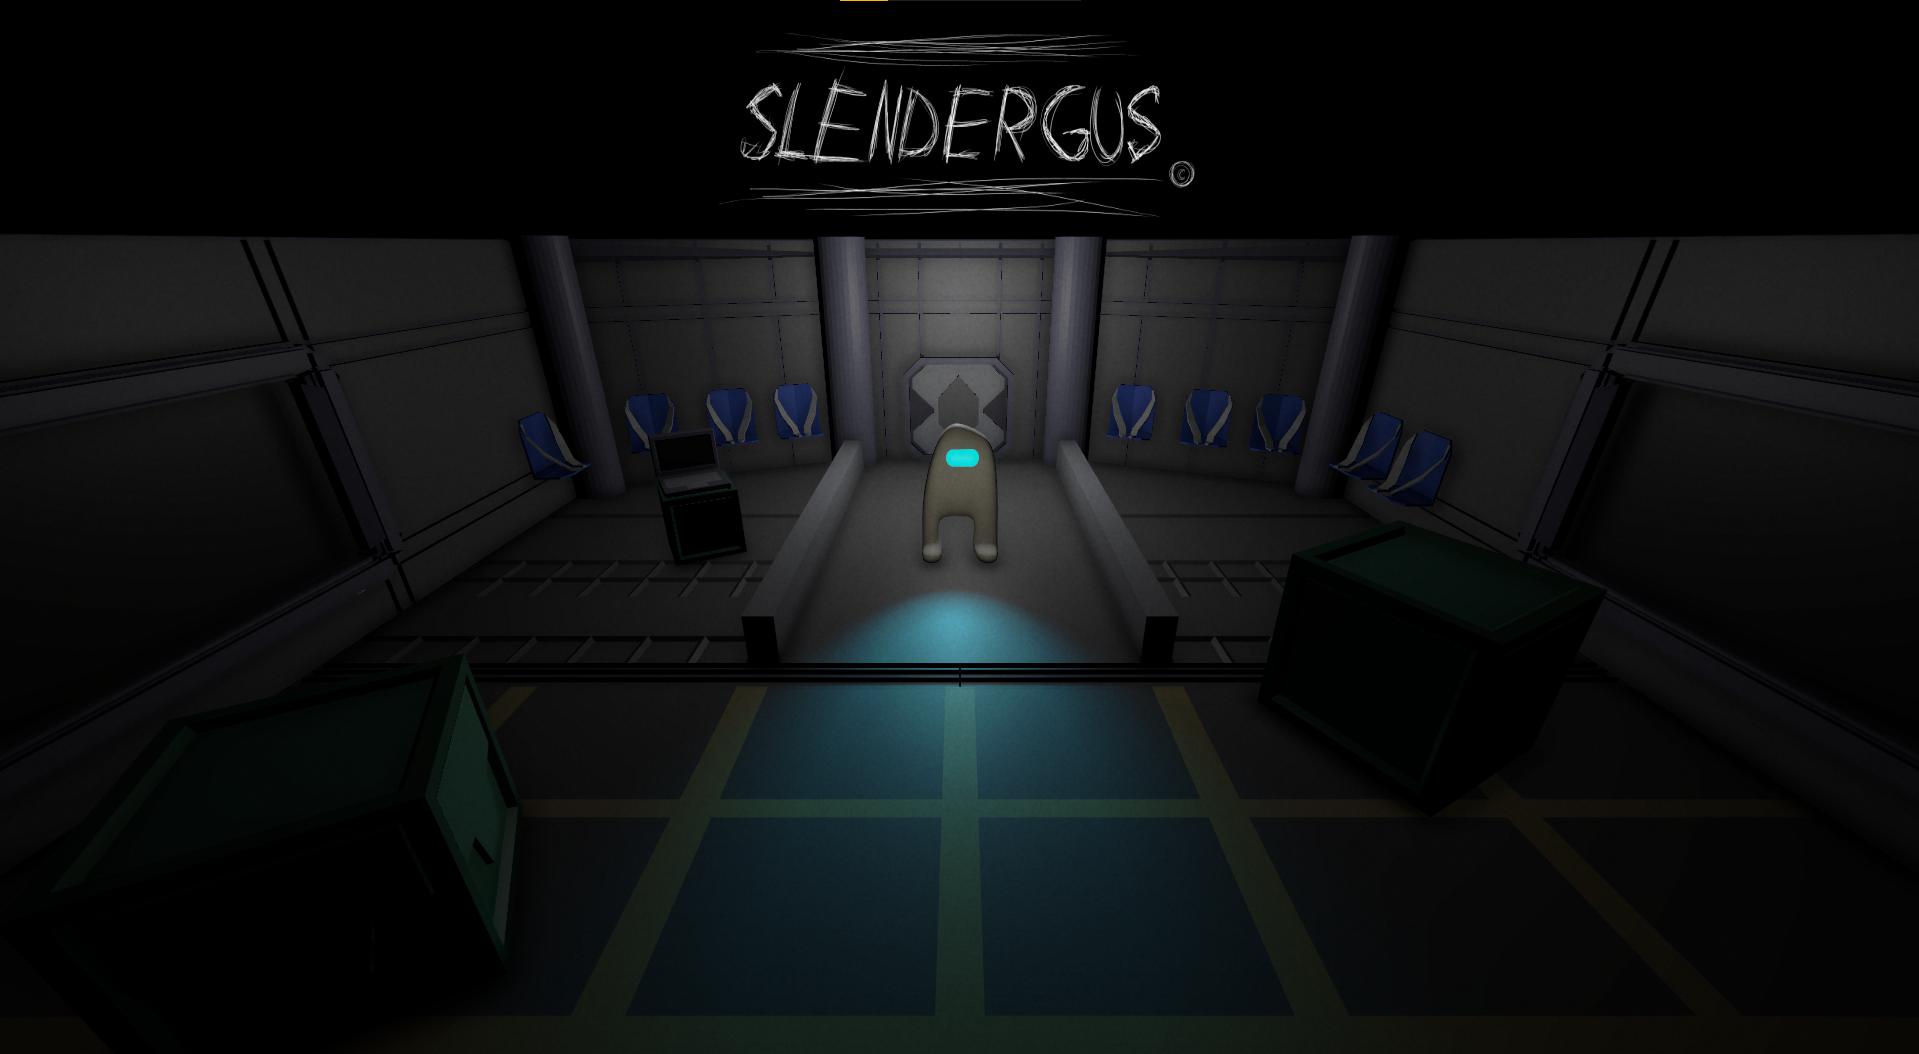 Slendergus